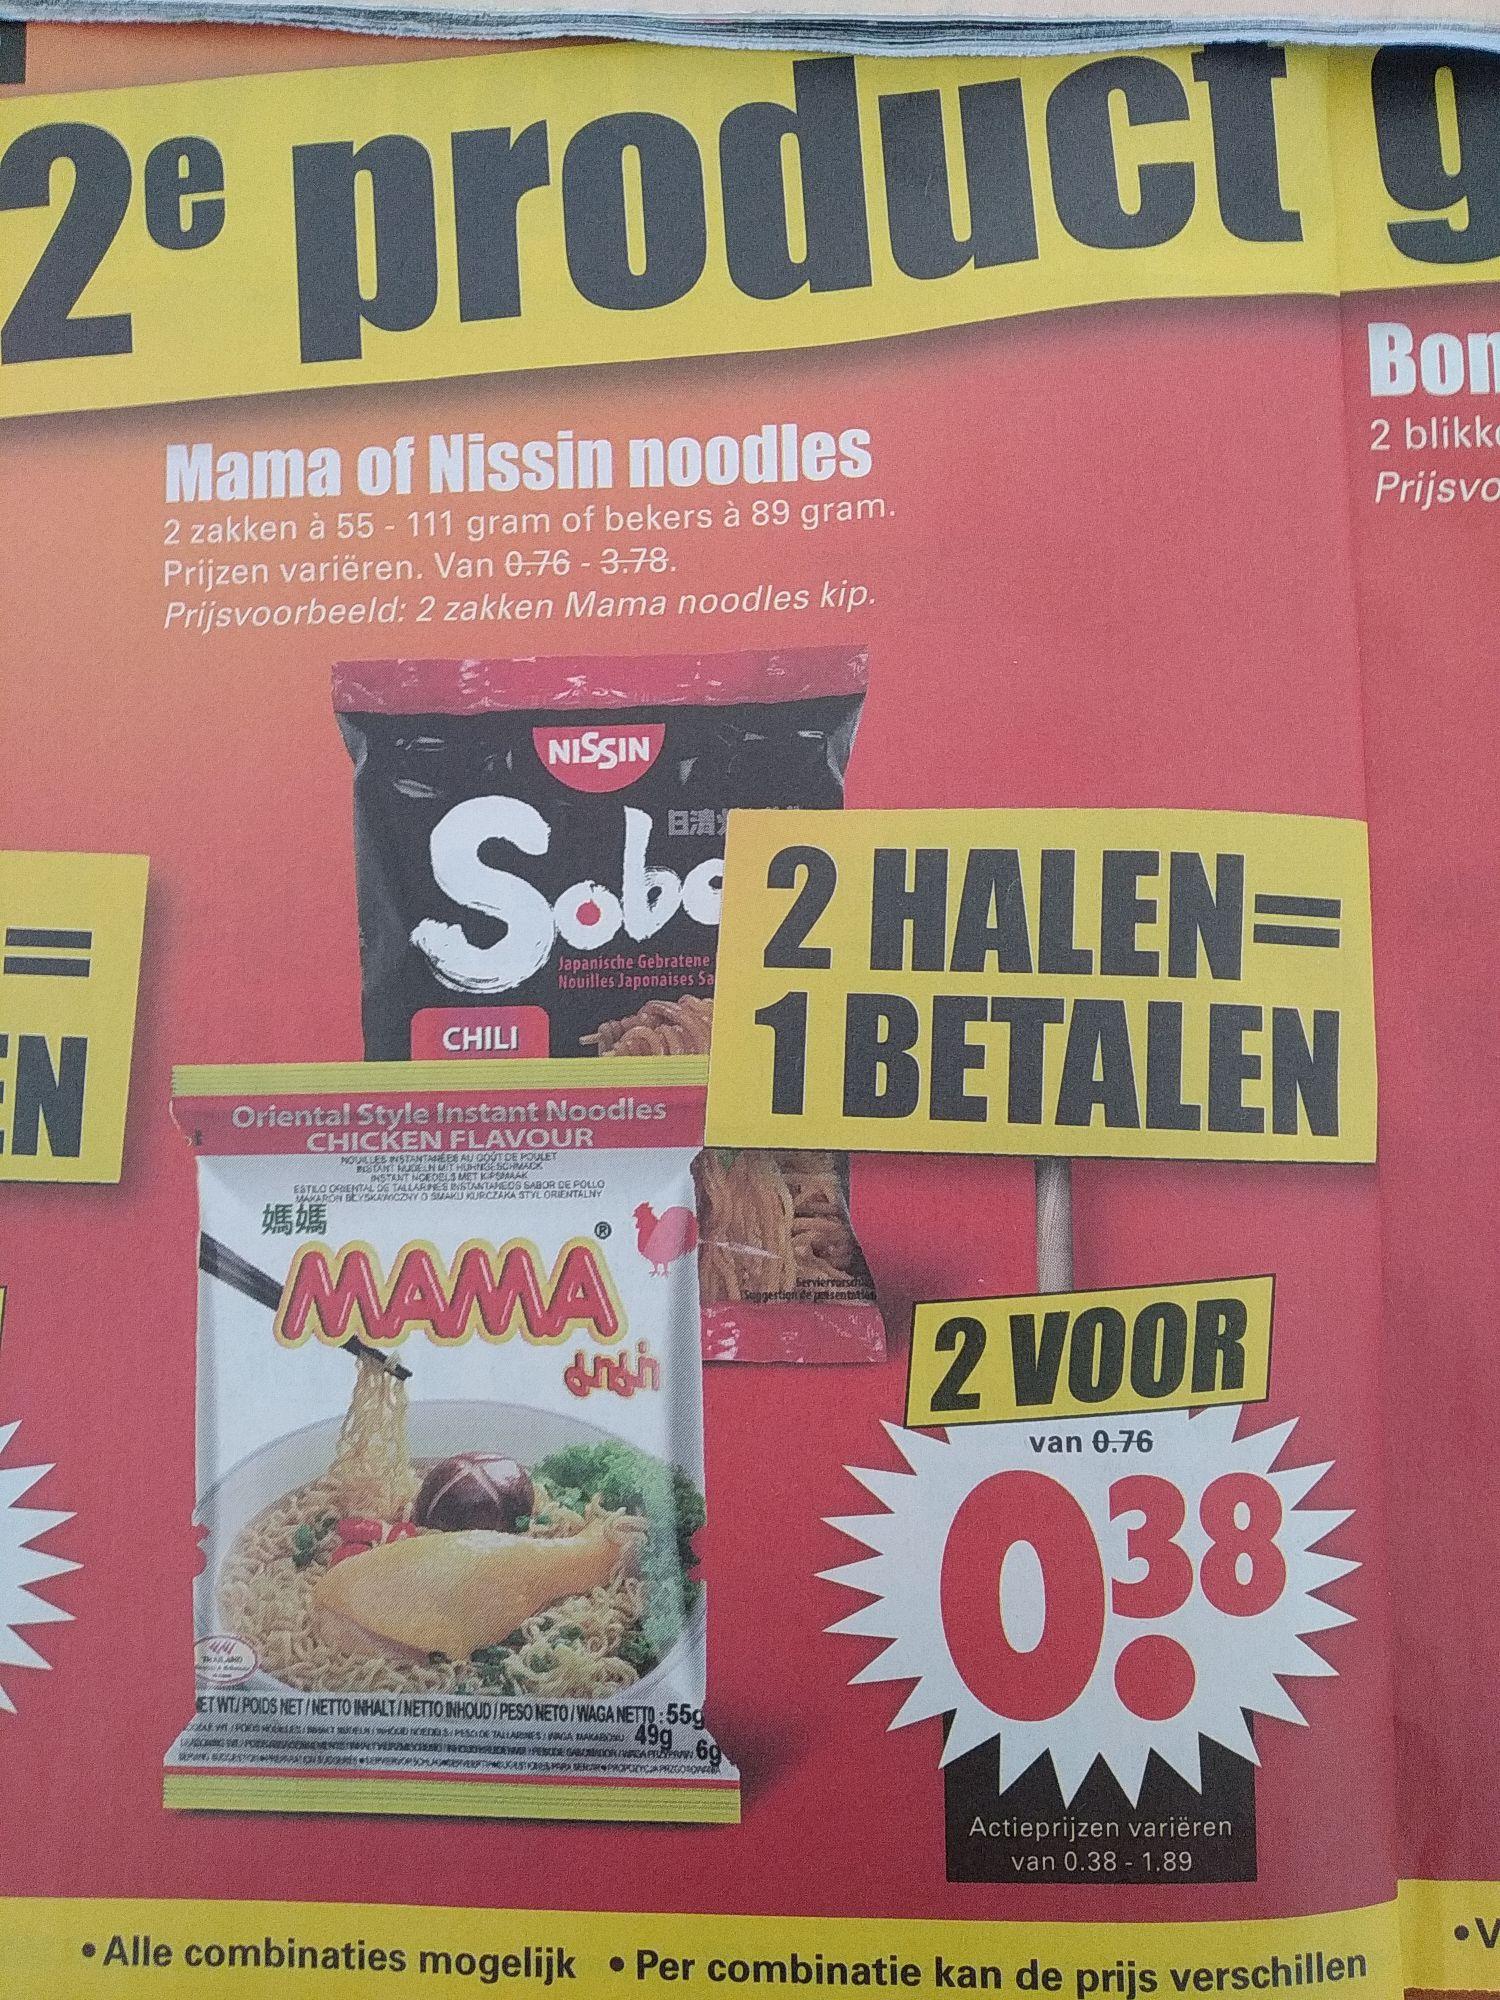 Dirk: Mama of Nissin noodles 2 halen 1 betalen